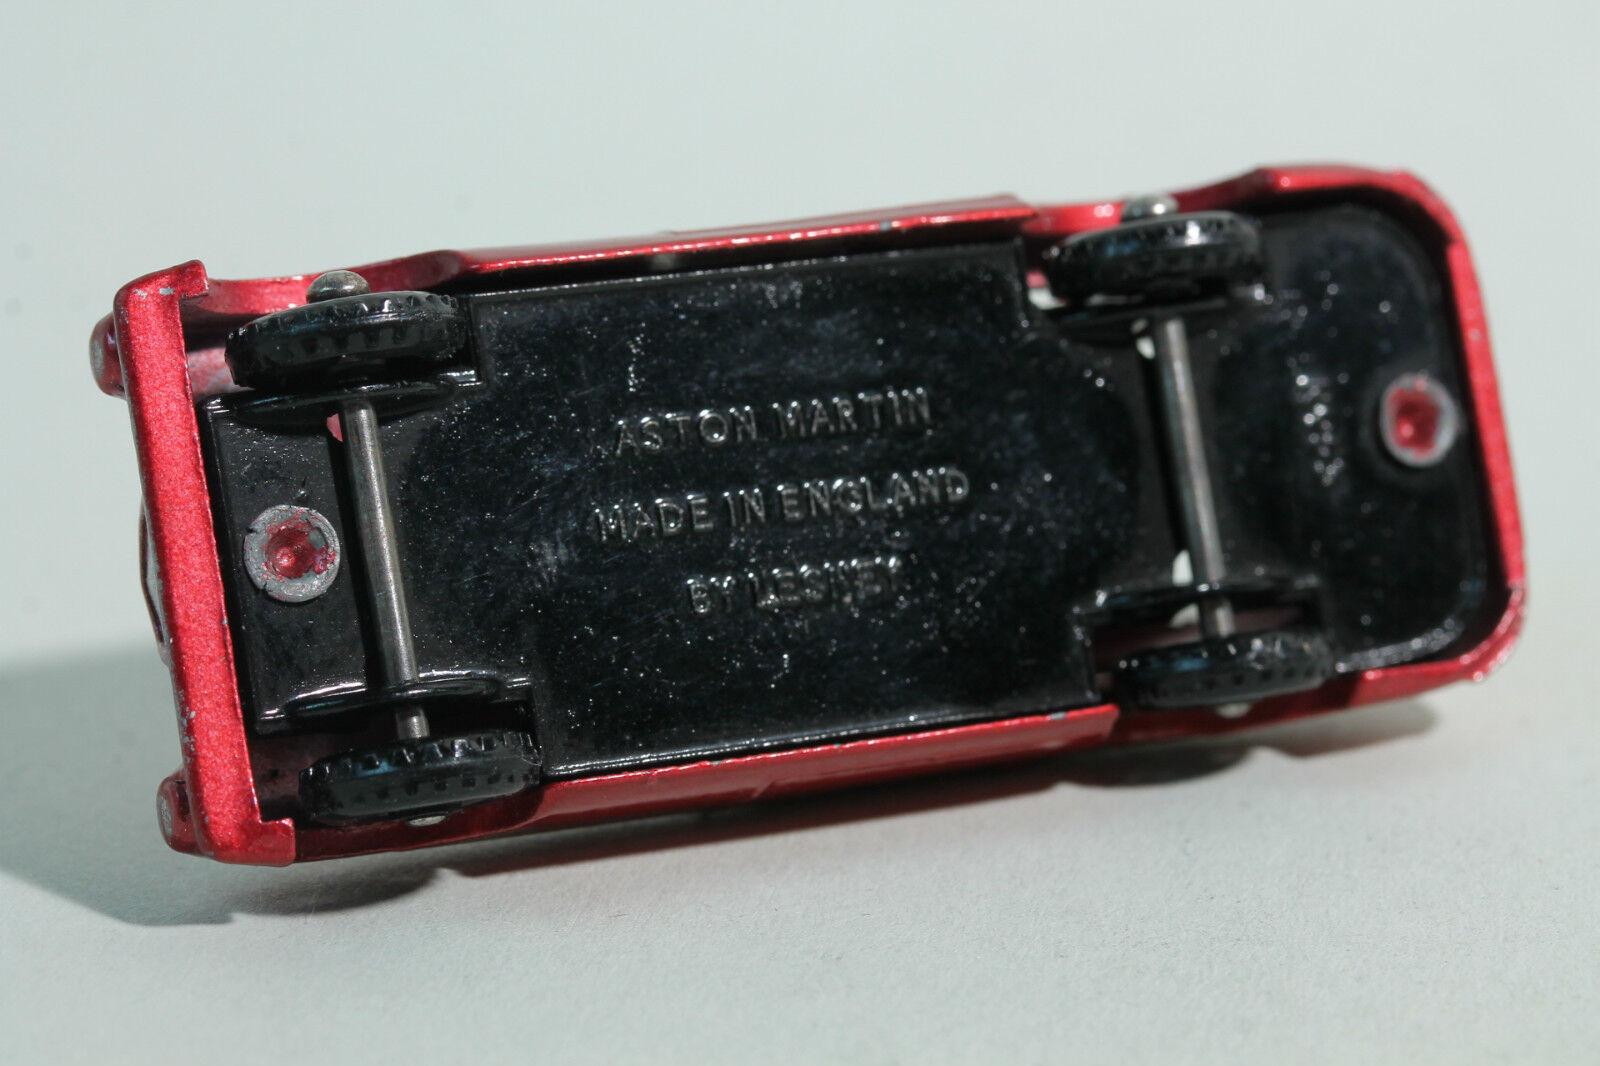 Vous ne ne ne pouvez pas acheter un téléphone portable ** et vous n'avez pas de rabais. 1958 MATCHBOX-no 53/4 ASTON MARTIN-LESNEY Prod. Original but toarched 01fc68